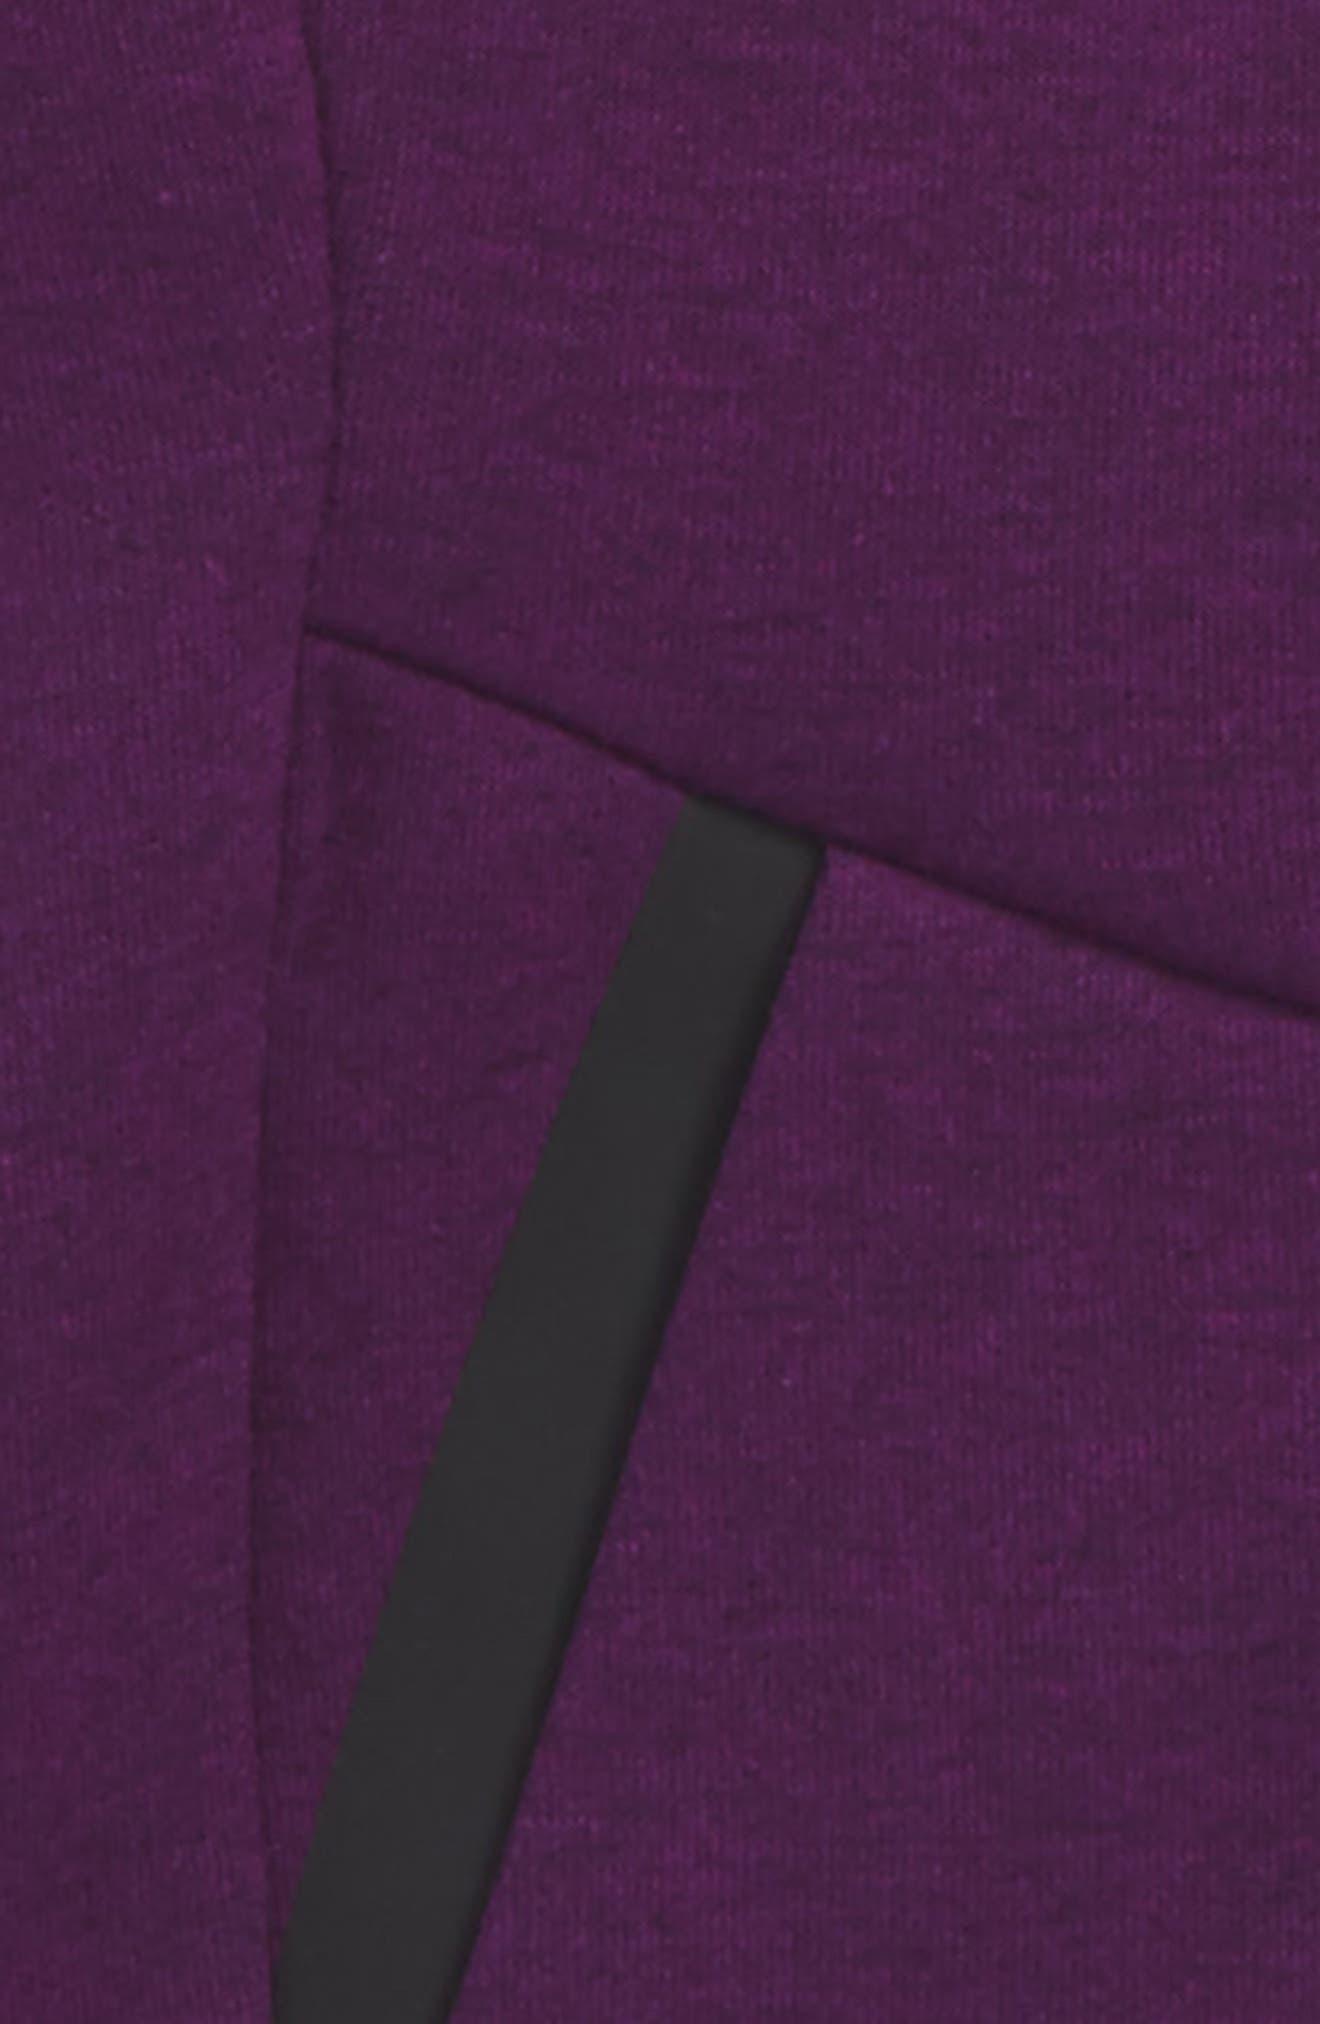 Sportswear Tech Fleece Hoodie,                             Alternate thumbnail 4, color,                             Night Purple/ Black